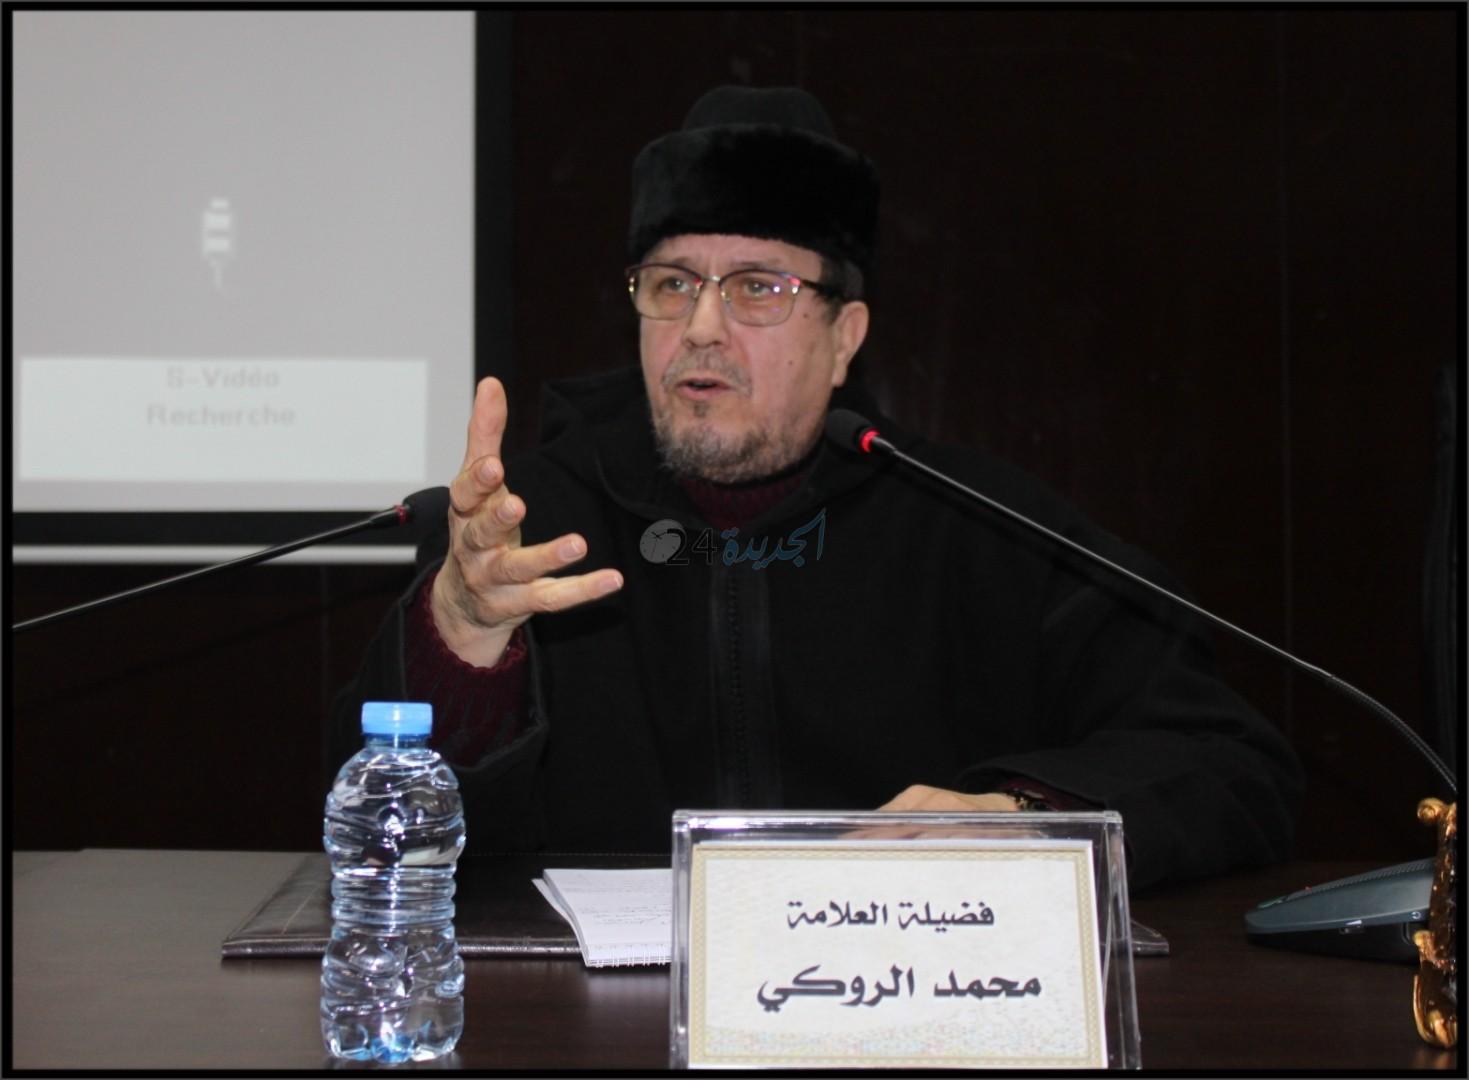 بالصور.. ندوة علمية تكريمية للعلامة 'محمد الروكي' بكلية الآداب بالجديدة